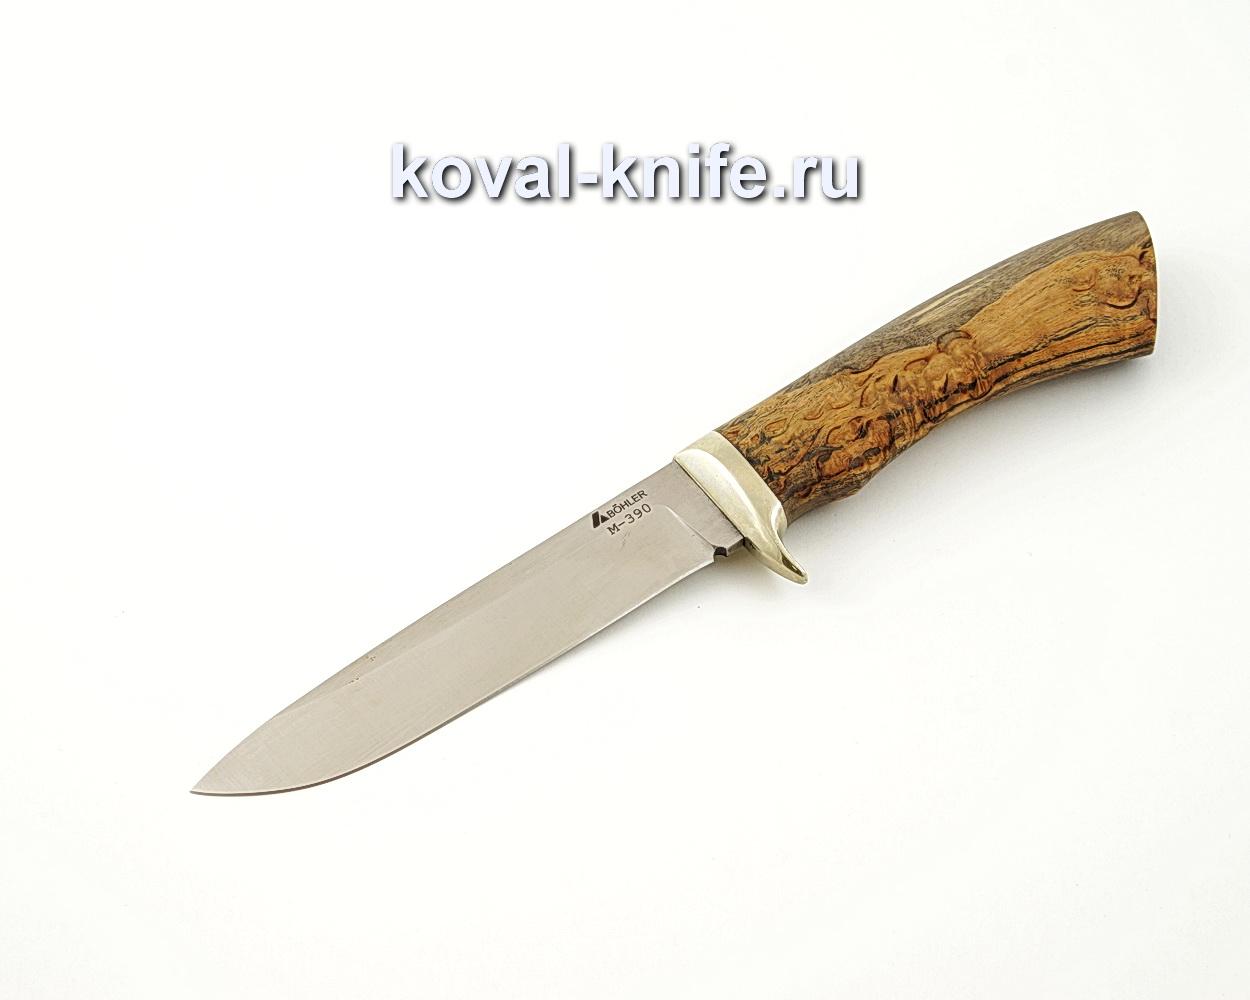 Нож Турист из порошковой стали М390 с рукоятью из стабилизированной карельской березы, гарда мельхиор A530